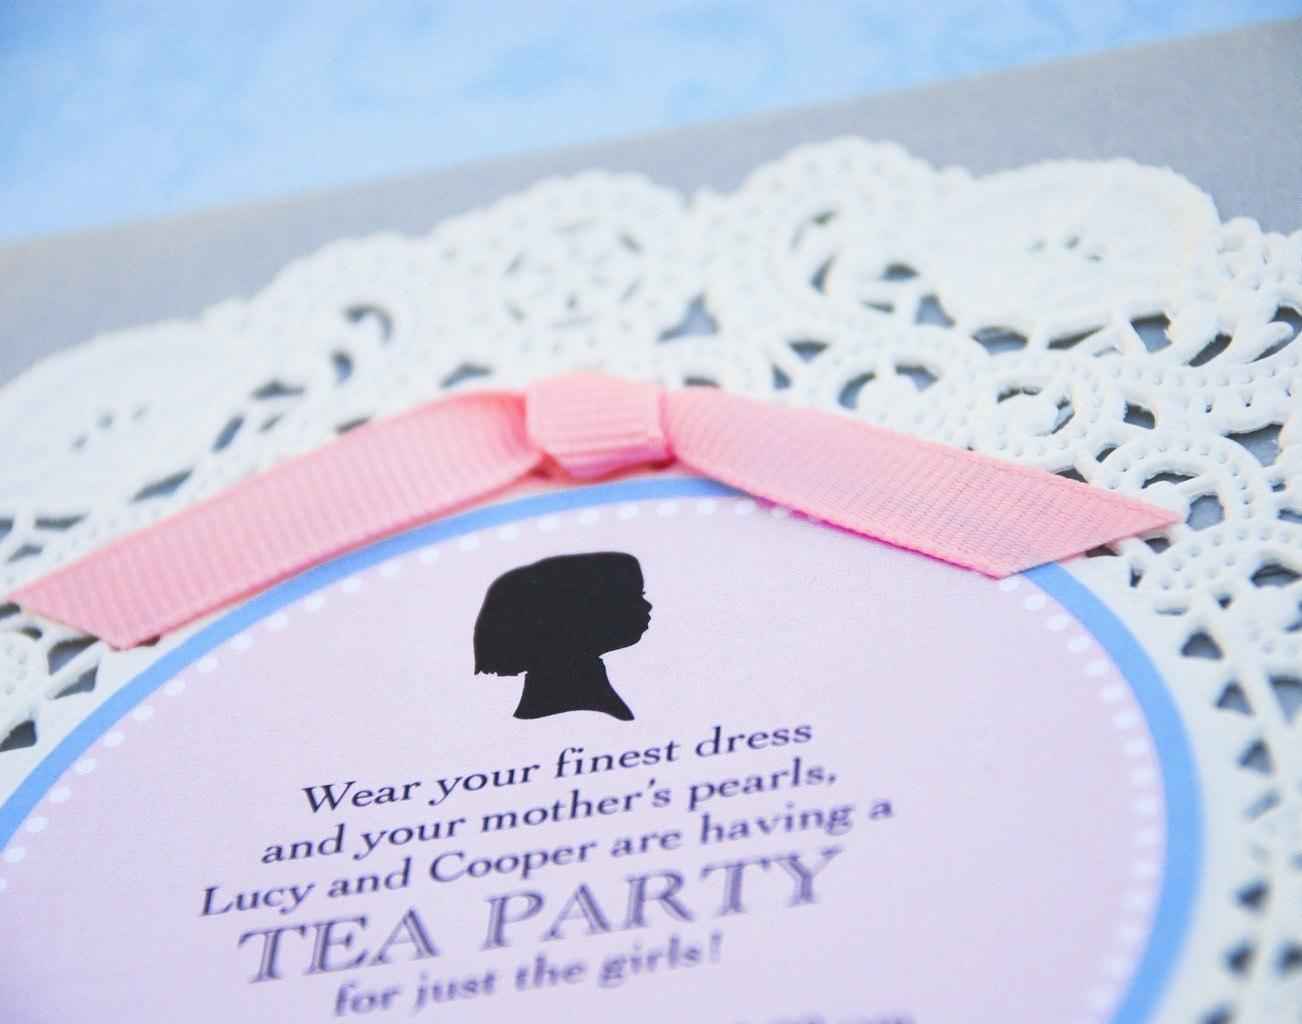 High Tea Invitations Wording is great invitations ideas